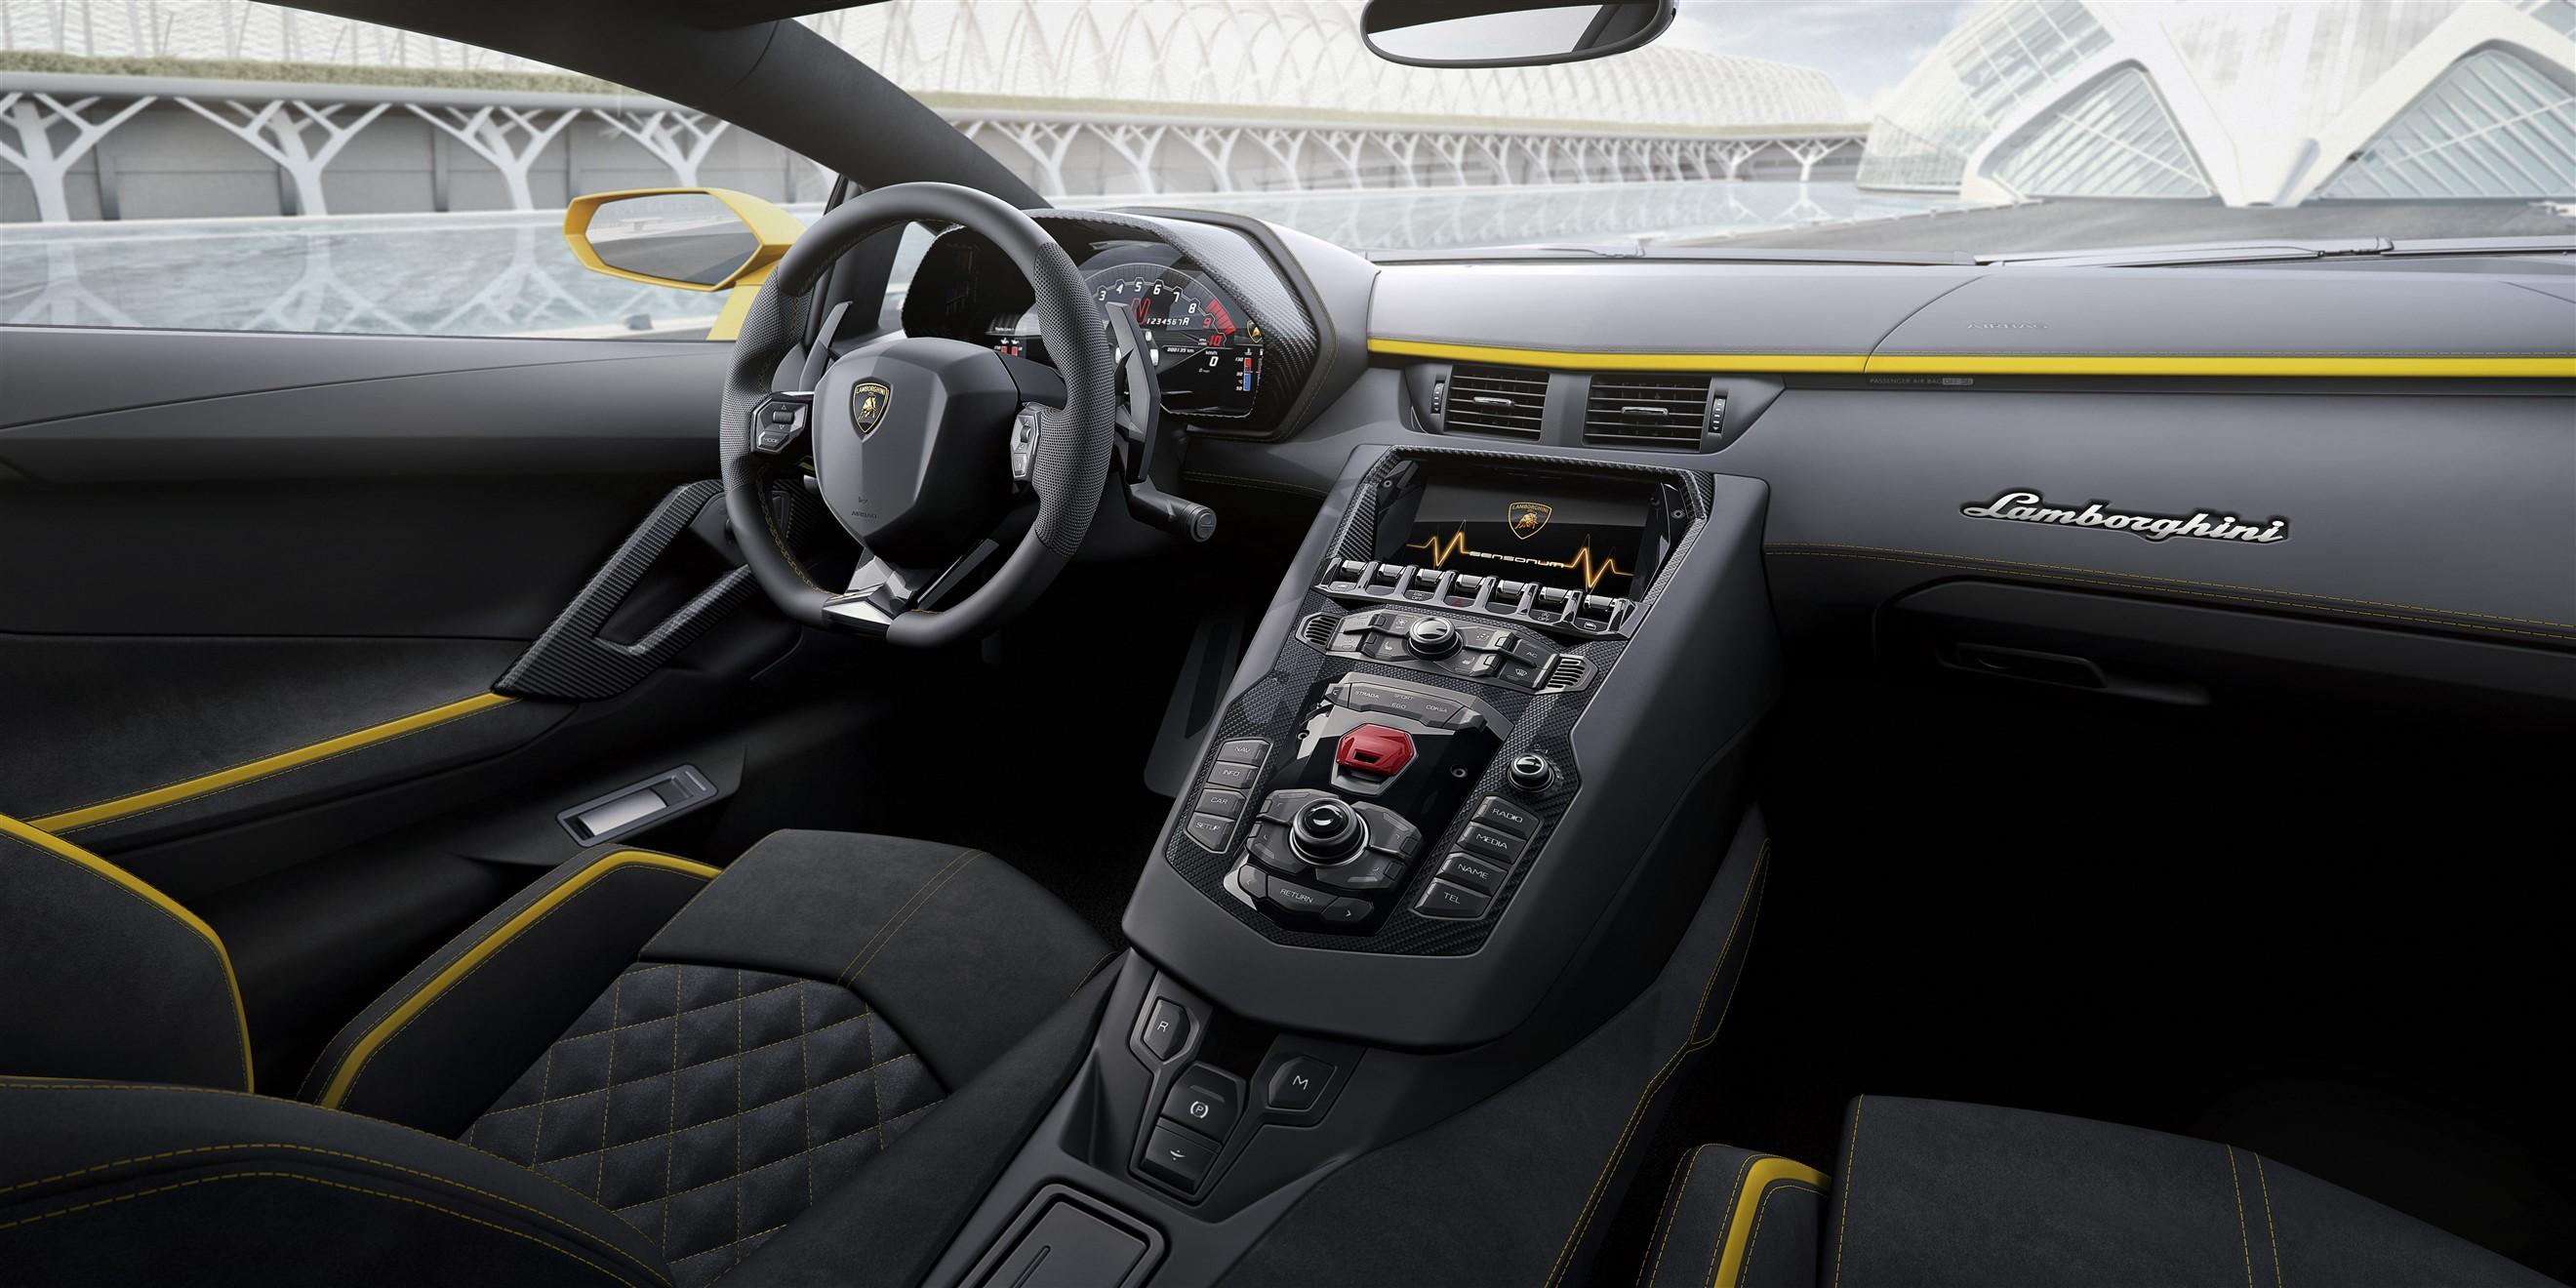 Lamborghini Aventador S Mais Uma Fera A Solta Carros Com Camanzi